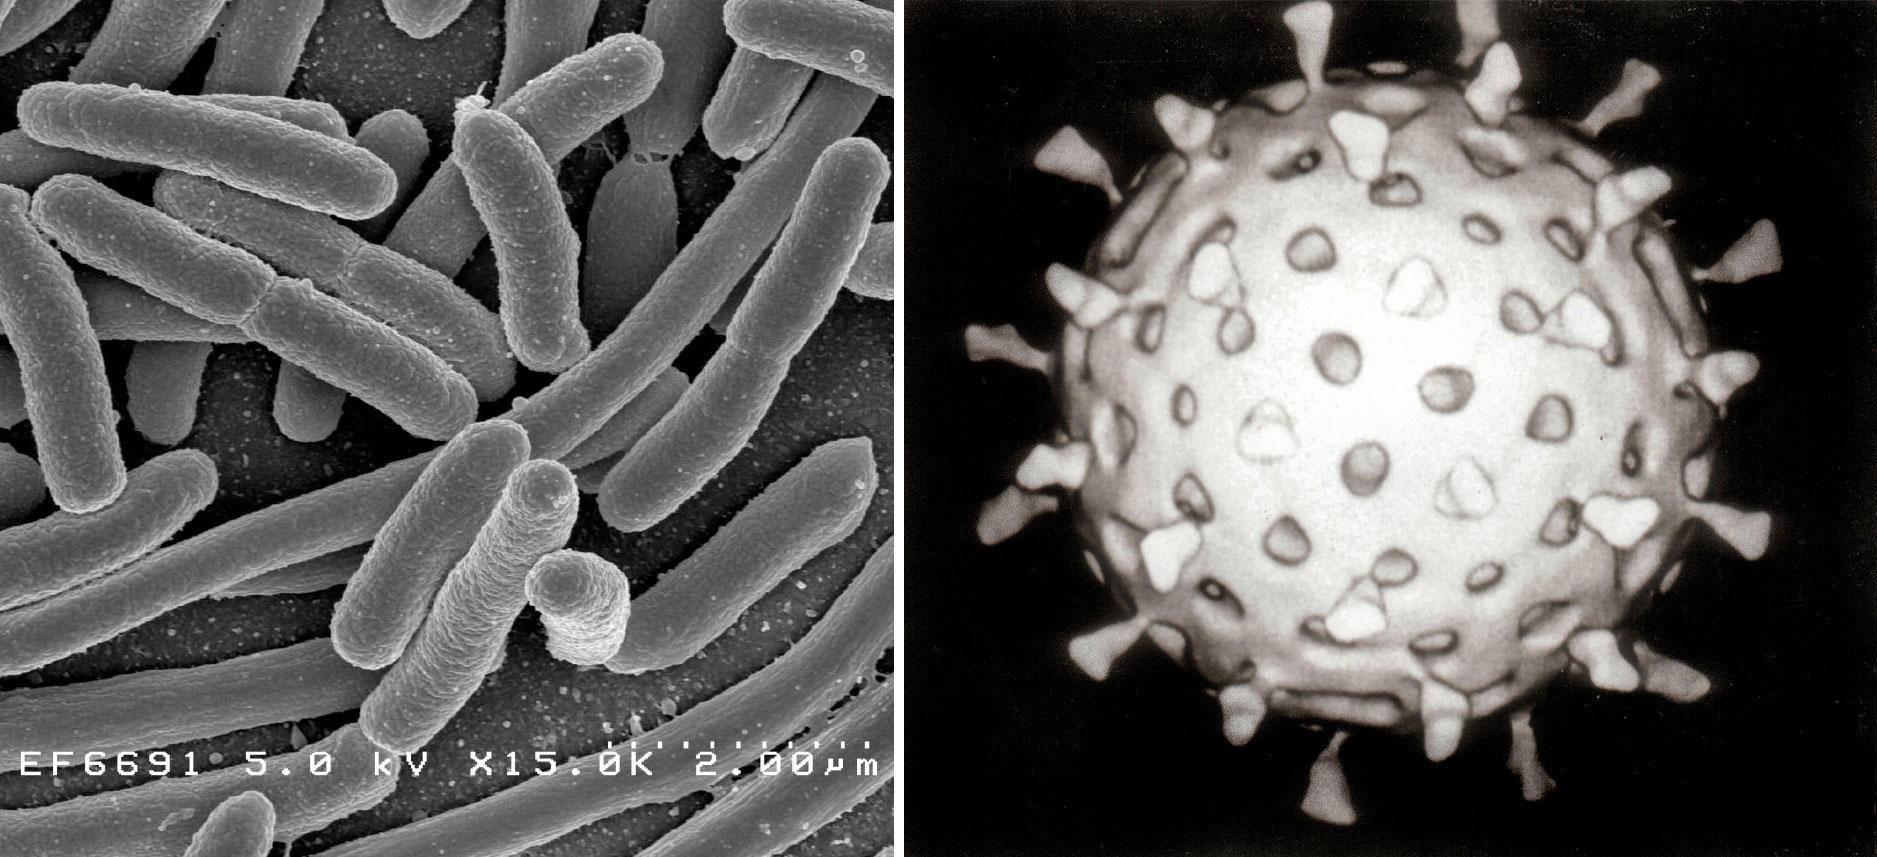 DET ULTIMATE MARERITTET: Dersom noen er gale eller uheldige nok til å skape og slippe fri en bakterie som inneholder et virus, kan det være spikeren i kisten for menneskeheten, sier Serguei Popov, tidligere leder for det hemmelige, sovjetiske laboratoriet Vector. Bildet er en illustrasjon, og viser bakterien E.coli til venstre og et rotavirus til høyre.